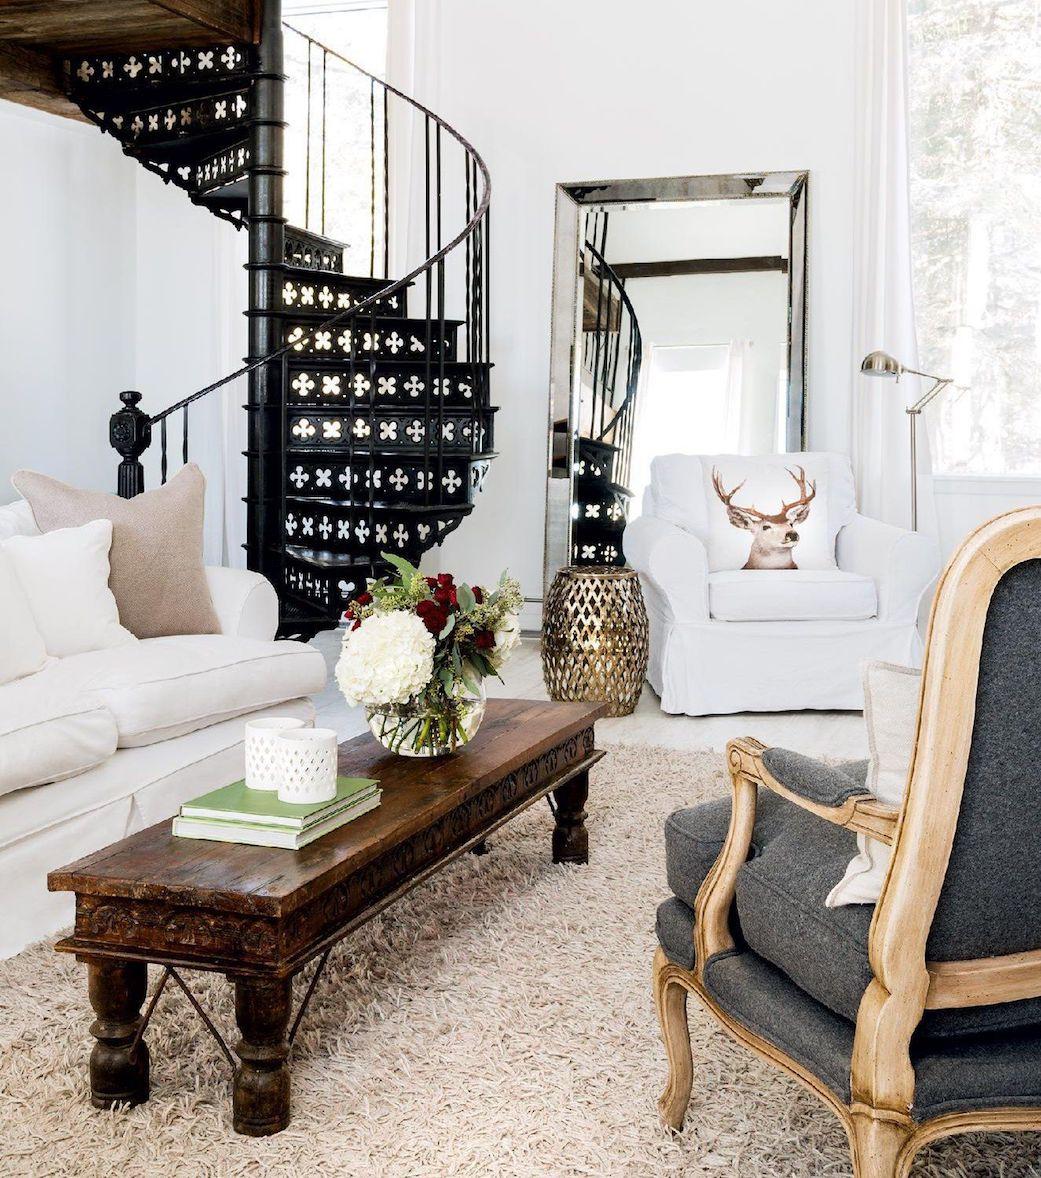 Le contraste entre le noir et le blanc donne toujours une impression de modernité, de style et d'élégance.